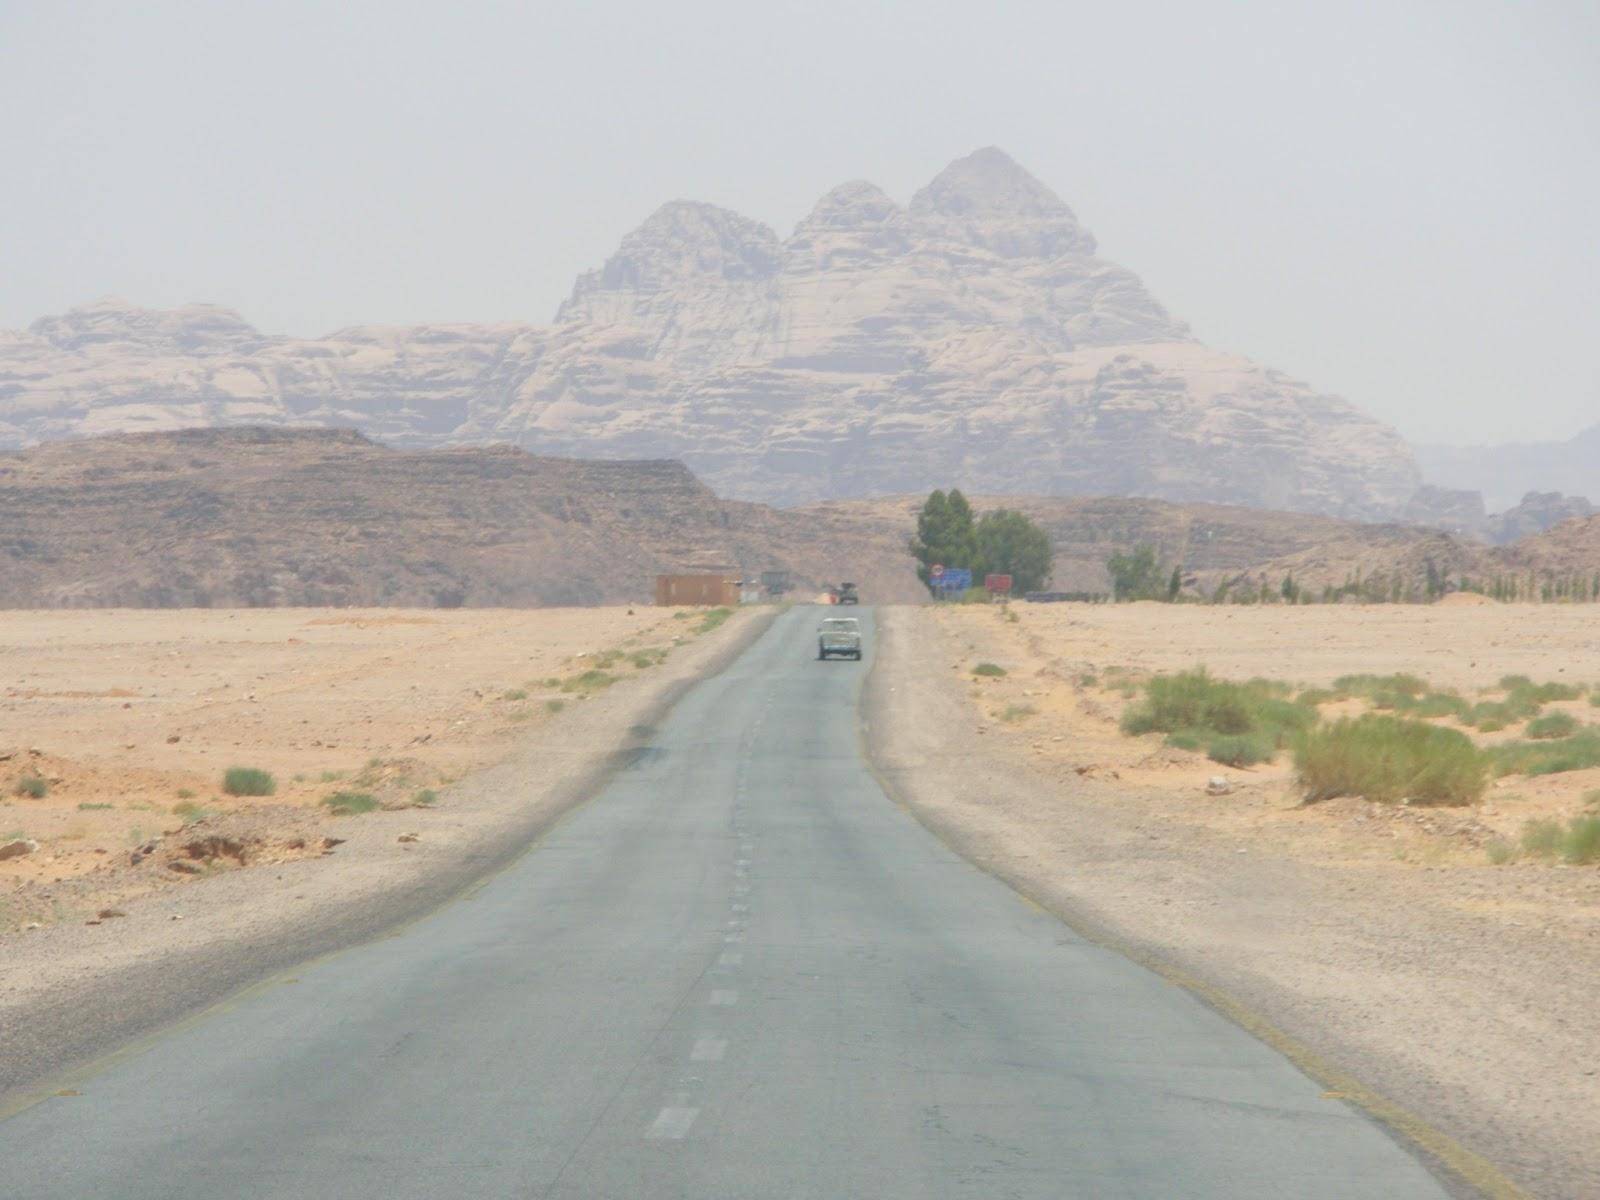 jordania desierto petra viaje